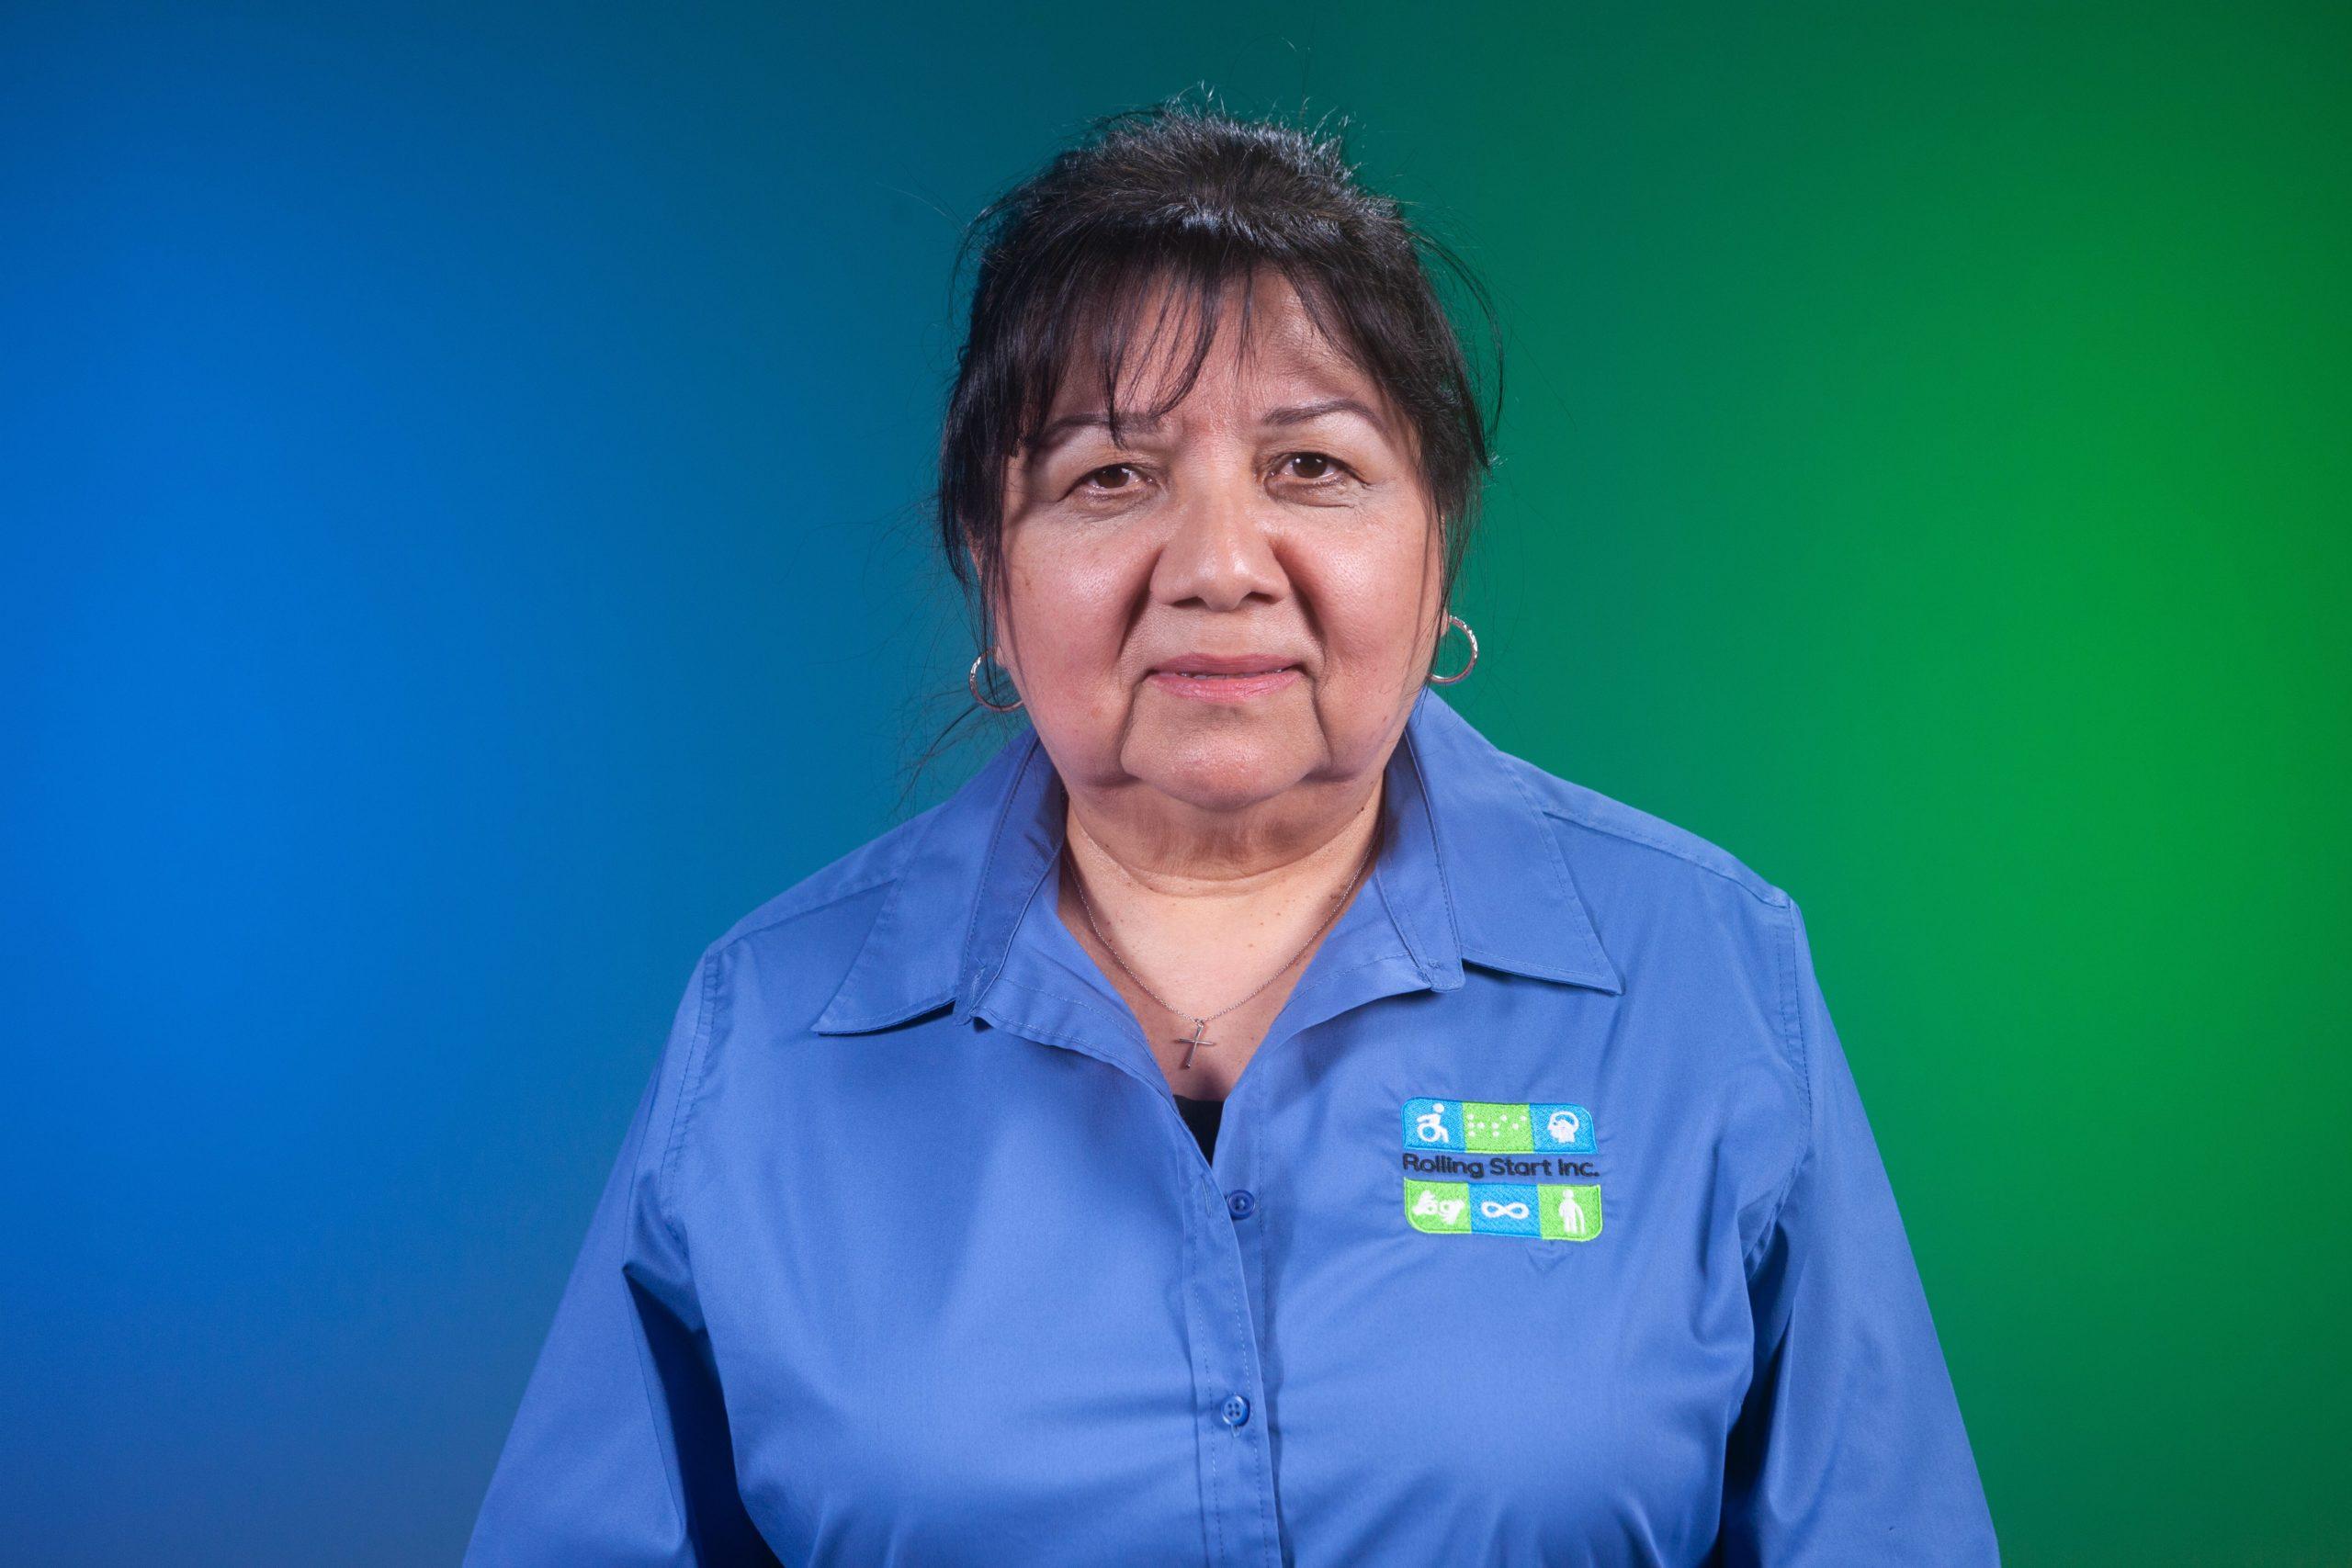 Maria Cuevas - Receptionist